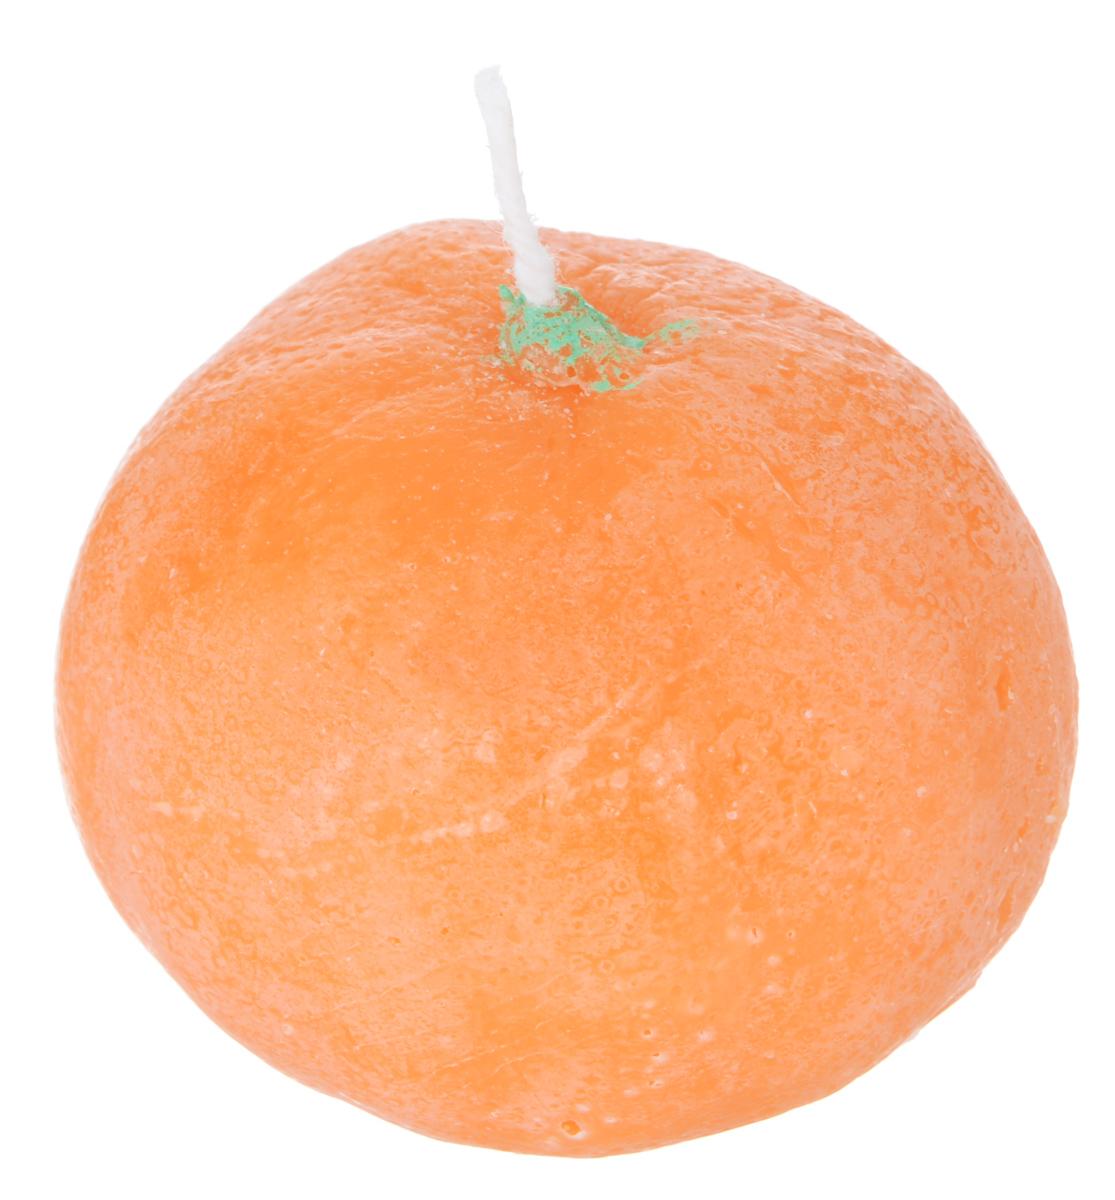 Свеча декоративная Proffi Home Мандарин, цвет: оранжевый, 5 х 4,5 см свеча декоративная home queen пирожное 5 5 см х 5 см х 2 см 2 шт